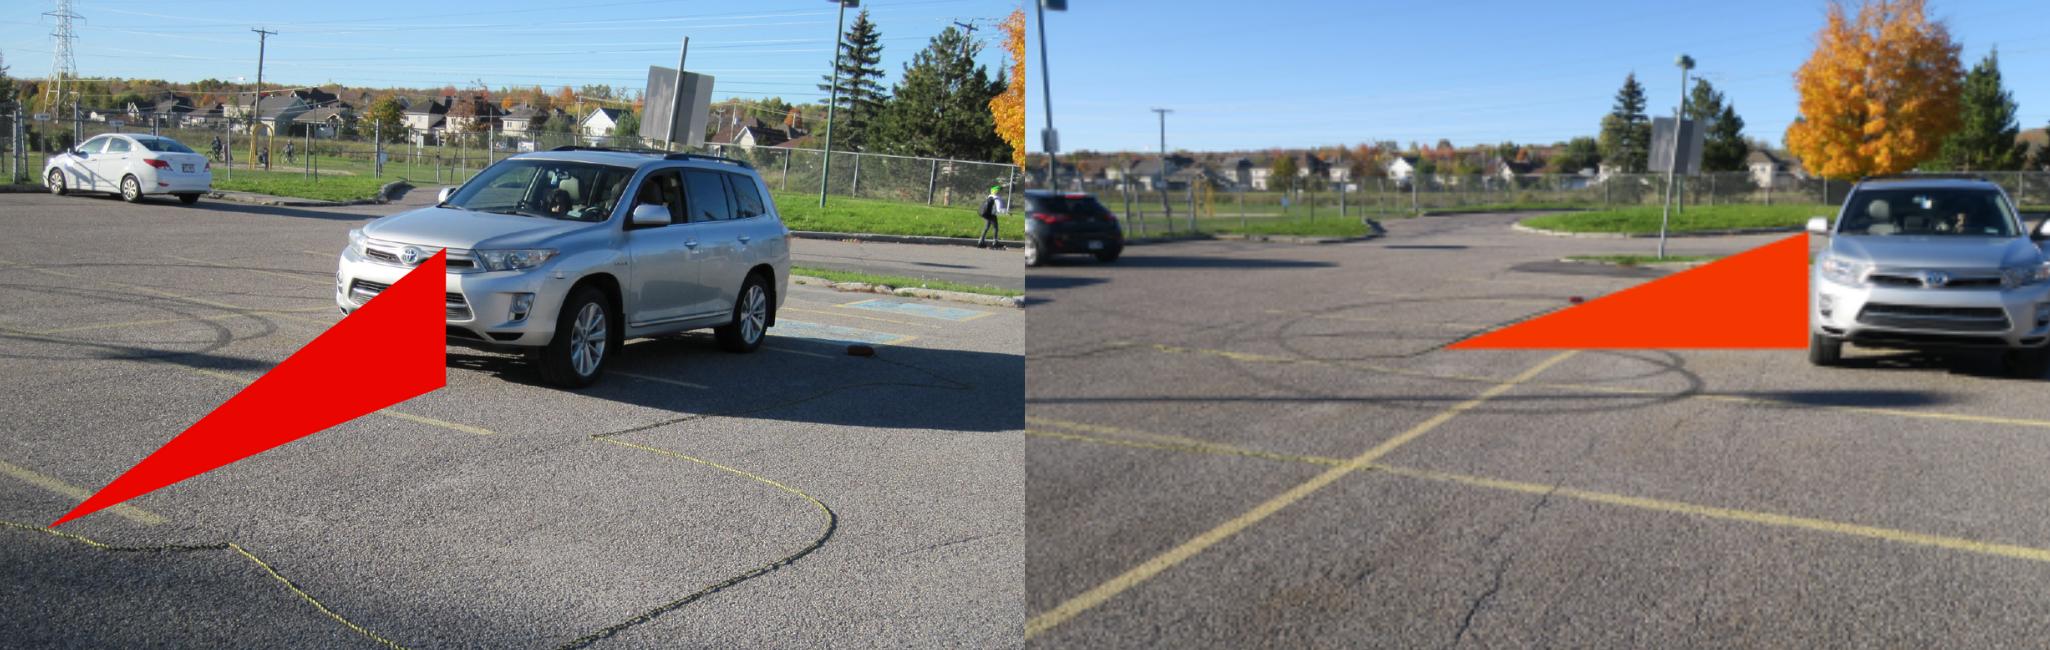 Un enfant se trouvant à l'intérieur du triangle rouge ne sera pas visible de la personne qui conduit. Au volant, il faut donc être à l'affût à ce qui pourrait se trouver à ces endroits, et ne pas se reposer uniquement sur les technologies de son véhicule.